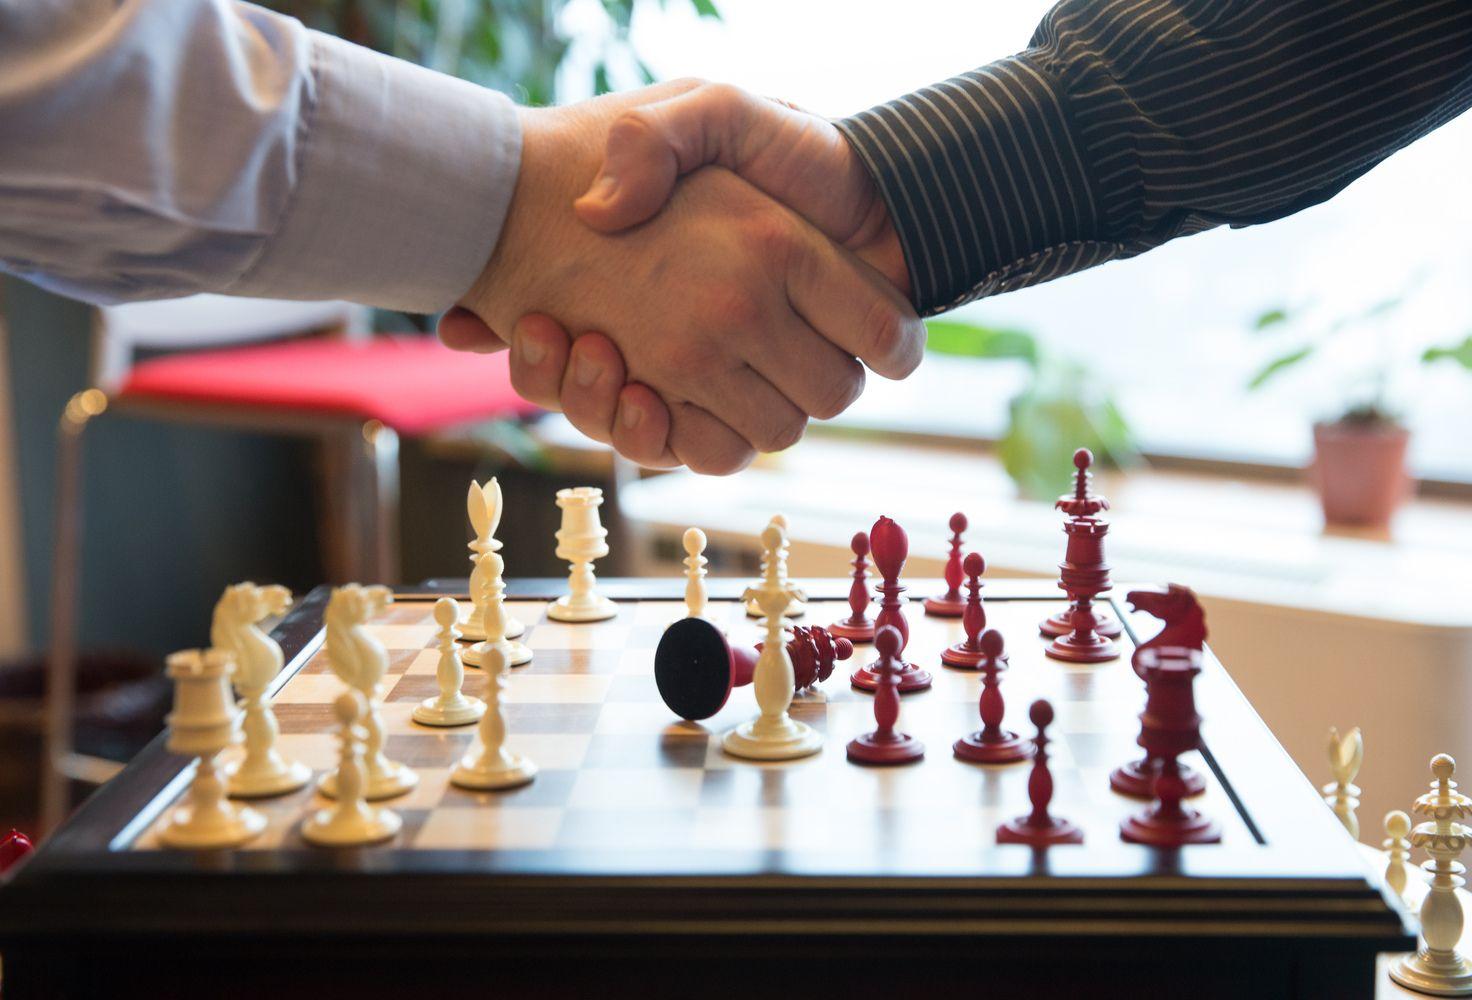 Konkurencinėje kovoje gali išgelbėtitvaraus verslokorta